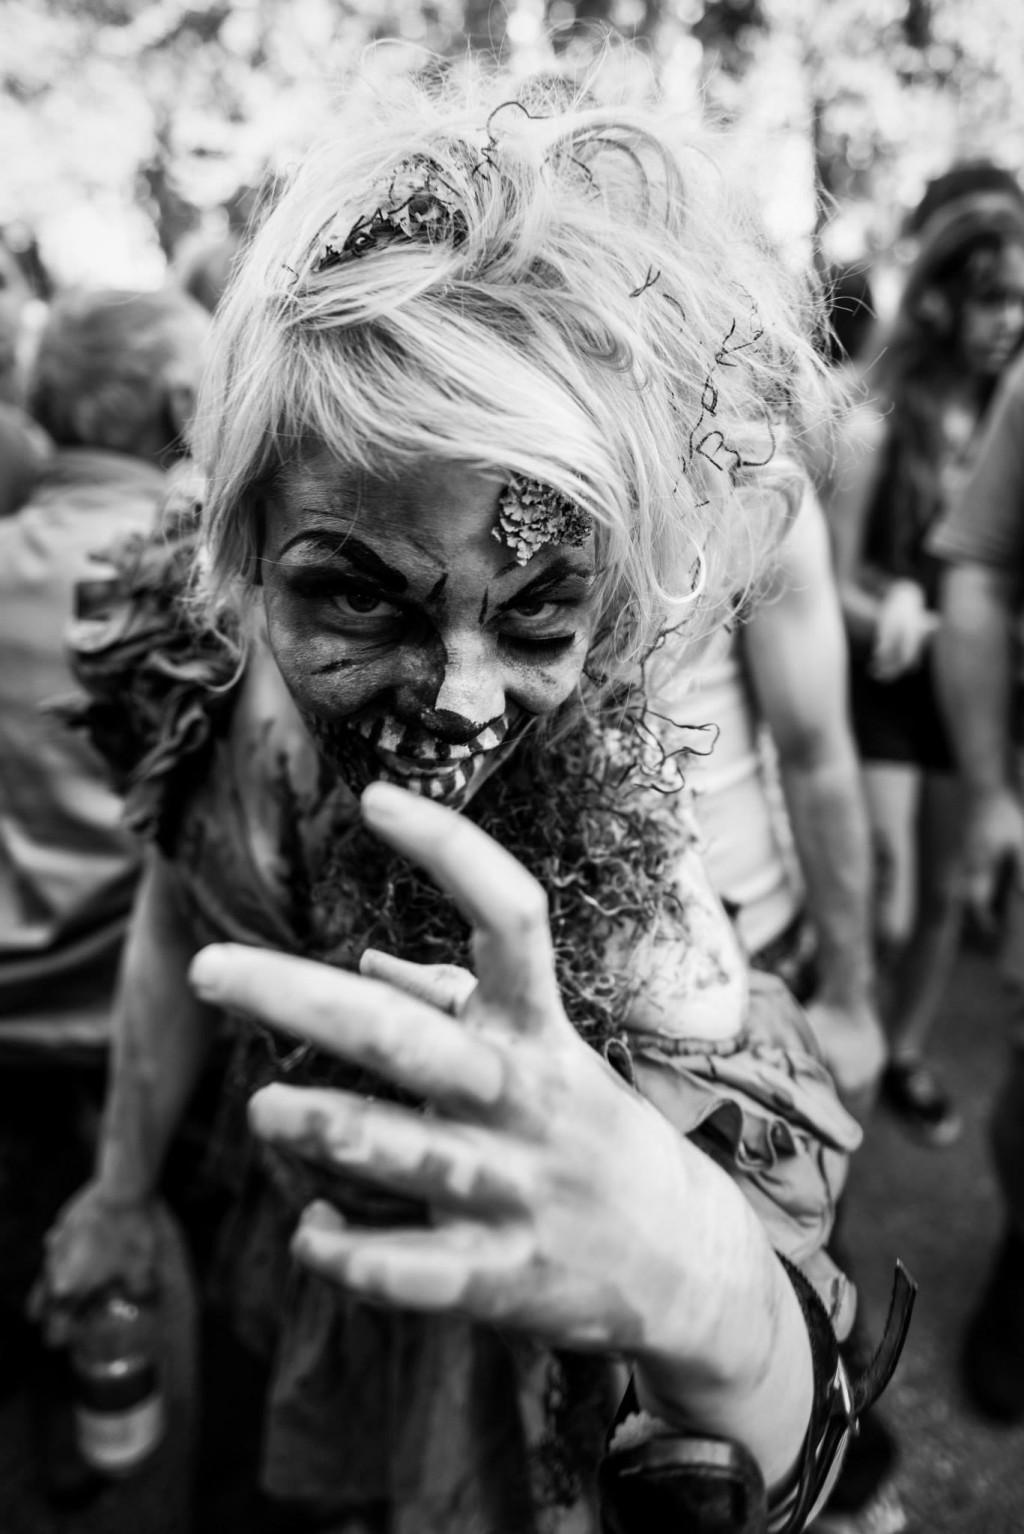 vancouver zombie walk 2014 scott hemenway 63